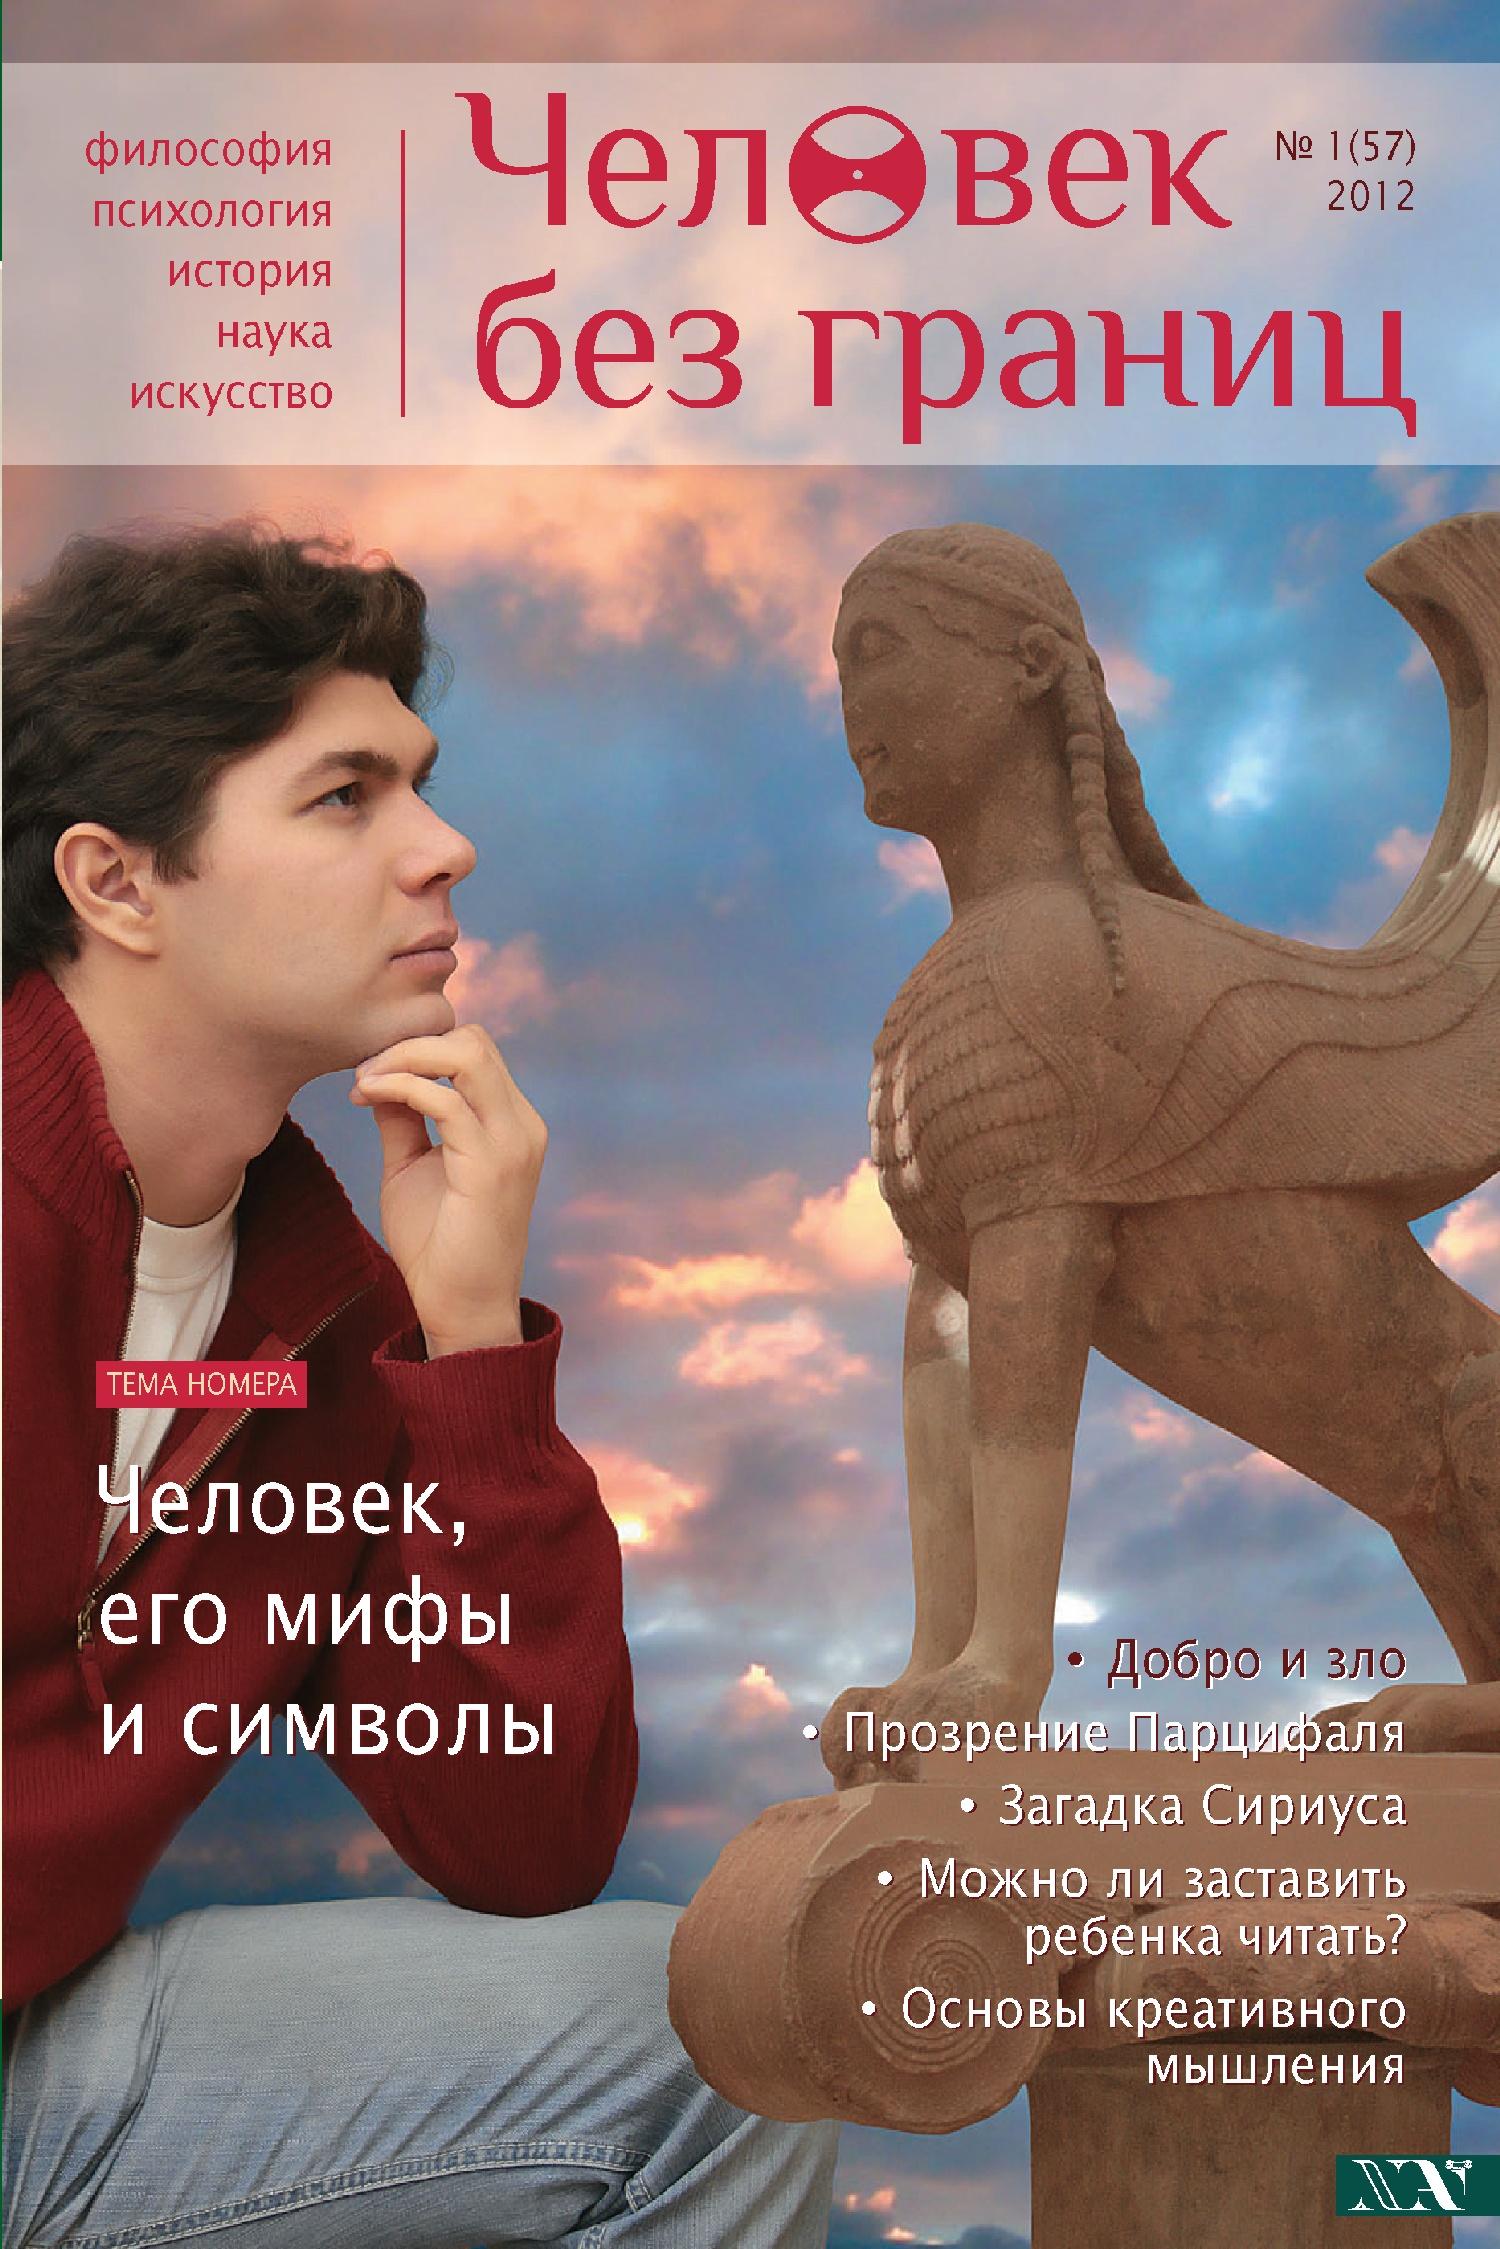 Журнал «Человек без границ» №1 (57) 2012